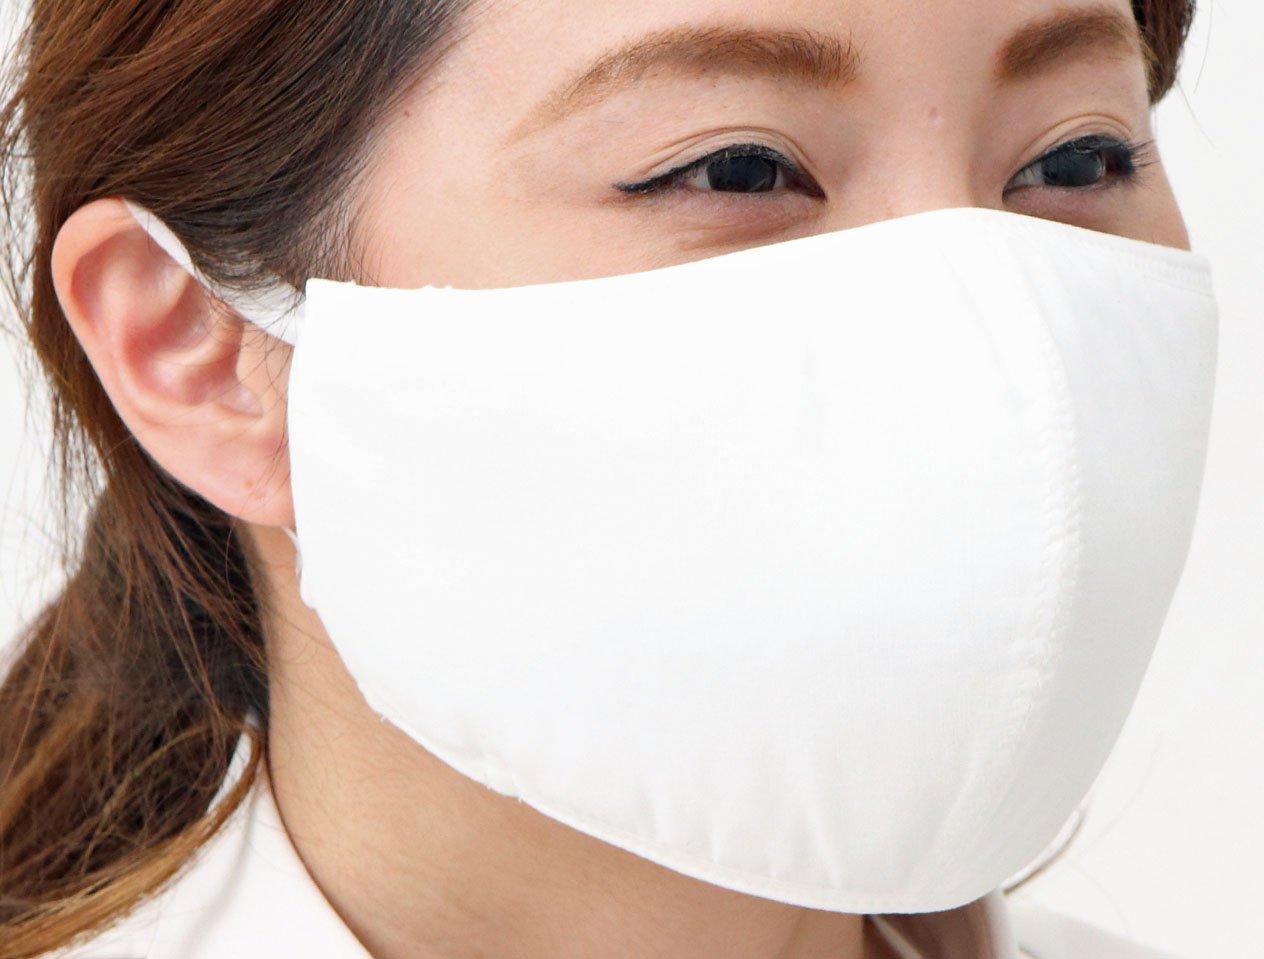 焼き マスク uv カット の 本気 人 で ない たく 【楽天市場】夏の気になる紫外線対策に!本気で焼きたくない人のUVカットマスク be